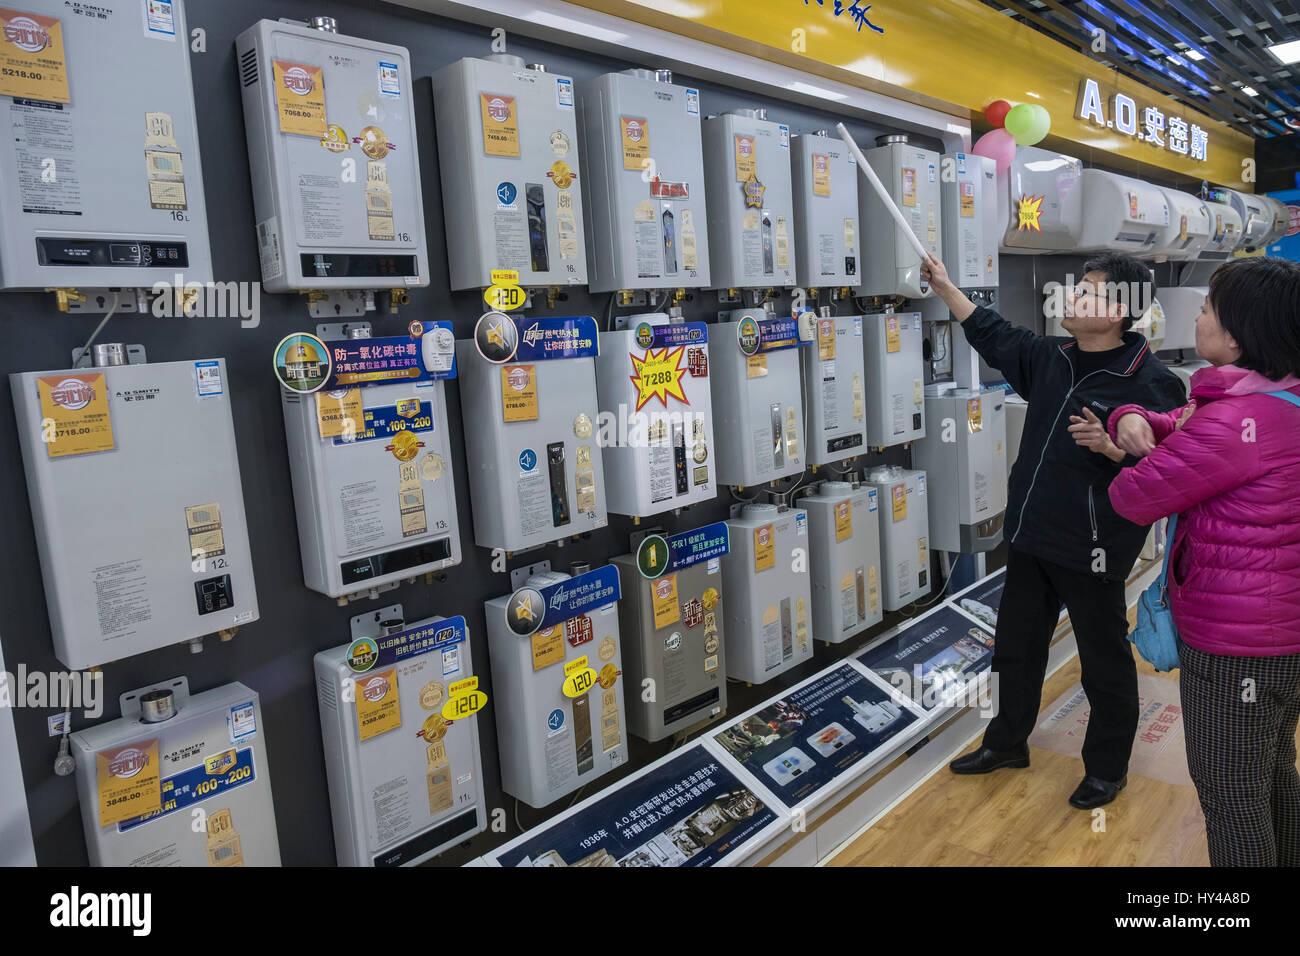 L'A.O. Smith chauffe-eau sont en vente dans un magasin B&Q, à Beijing, en Chine. Photo Stock